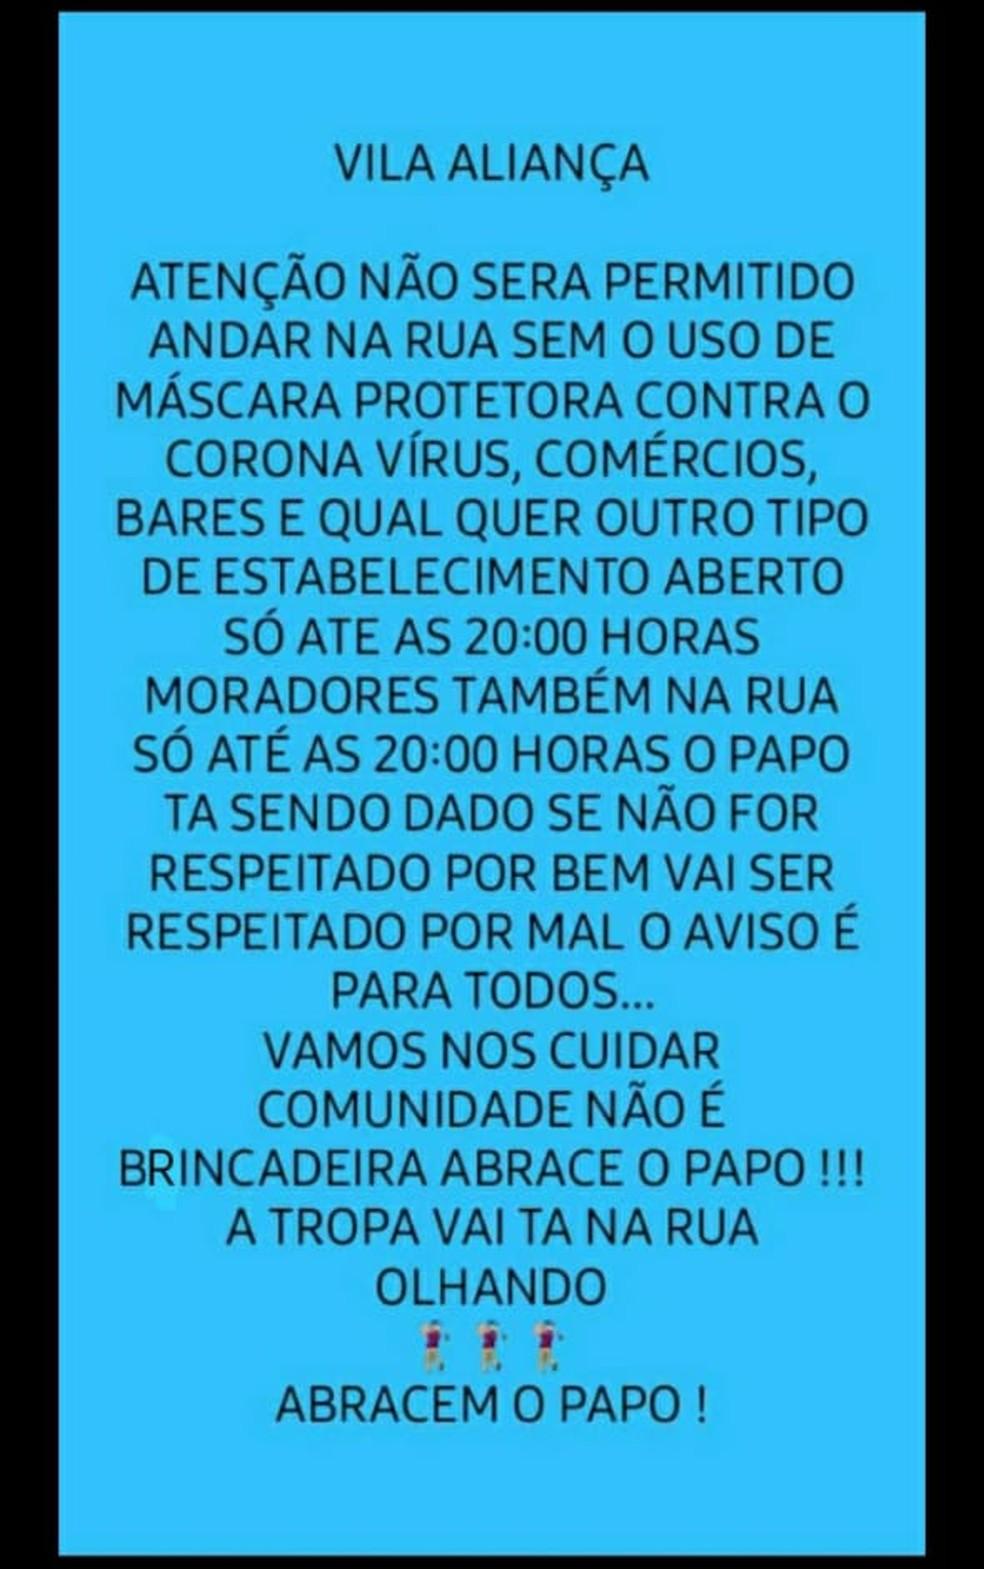 Mensagem de texto enviada a moradores da Vila Aliança, na Zona Oeste do Rio — Foto: Reprodução